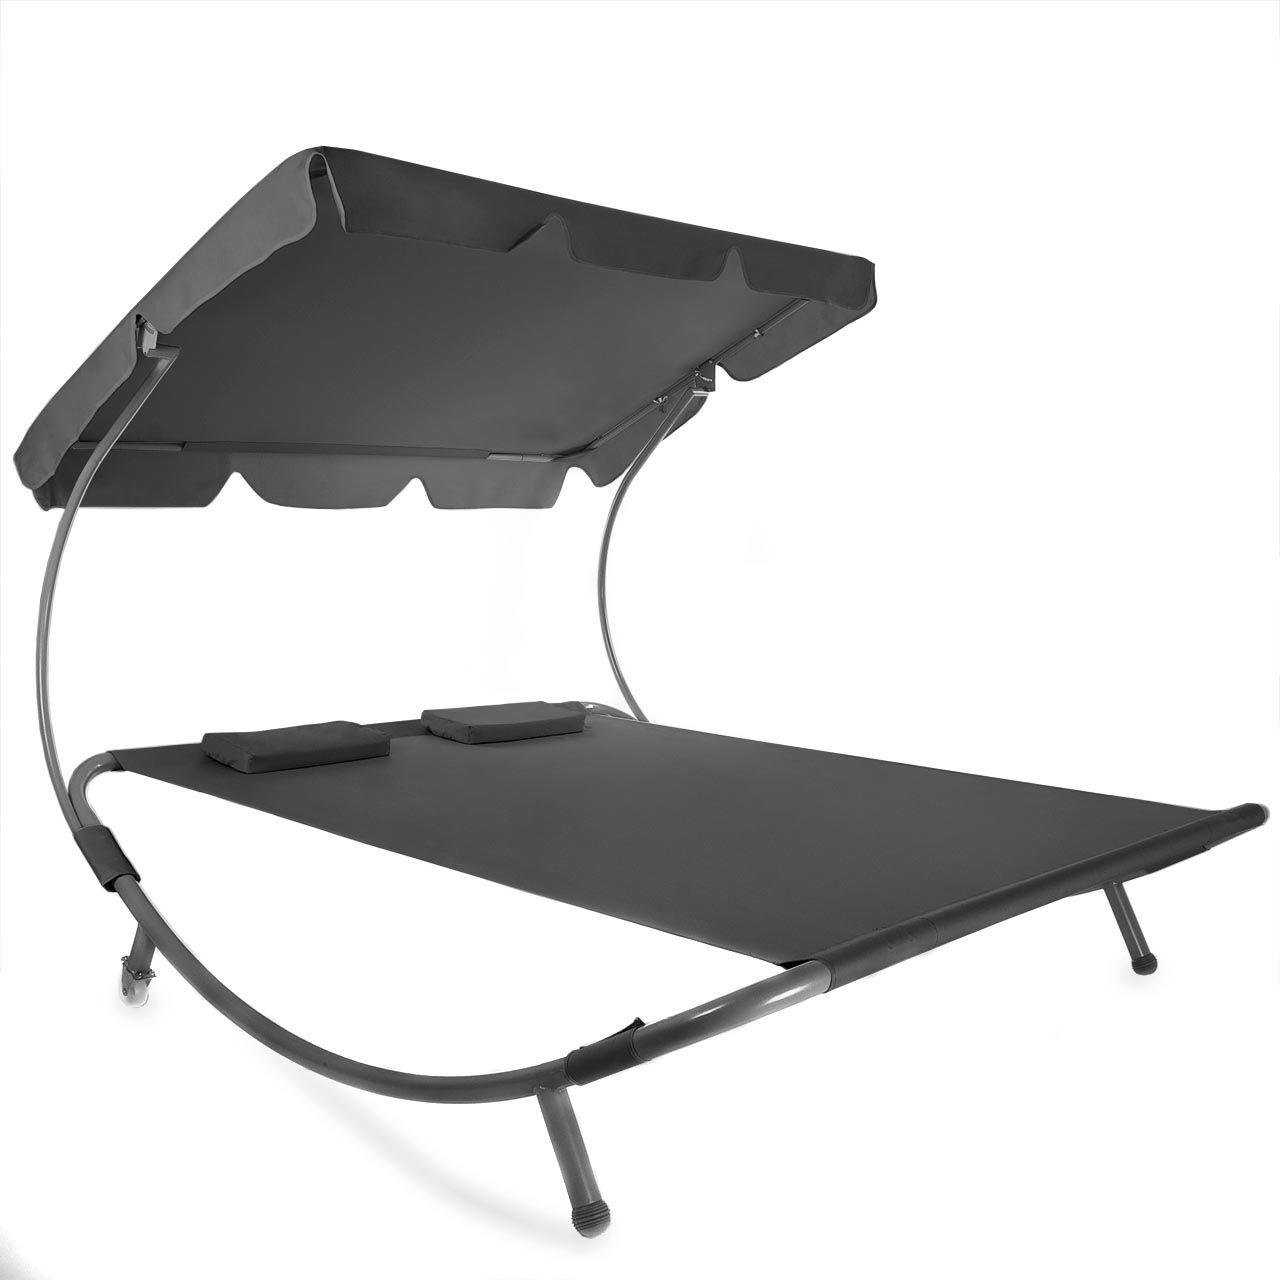 sonnenliege gartenliege relaxliege doppelliege liege dach. Black Bedroom Furniture Sets. Home Design Ideas